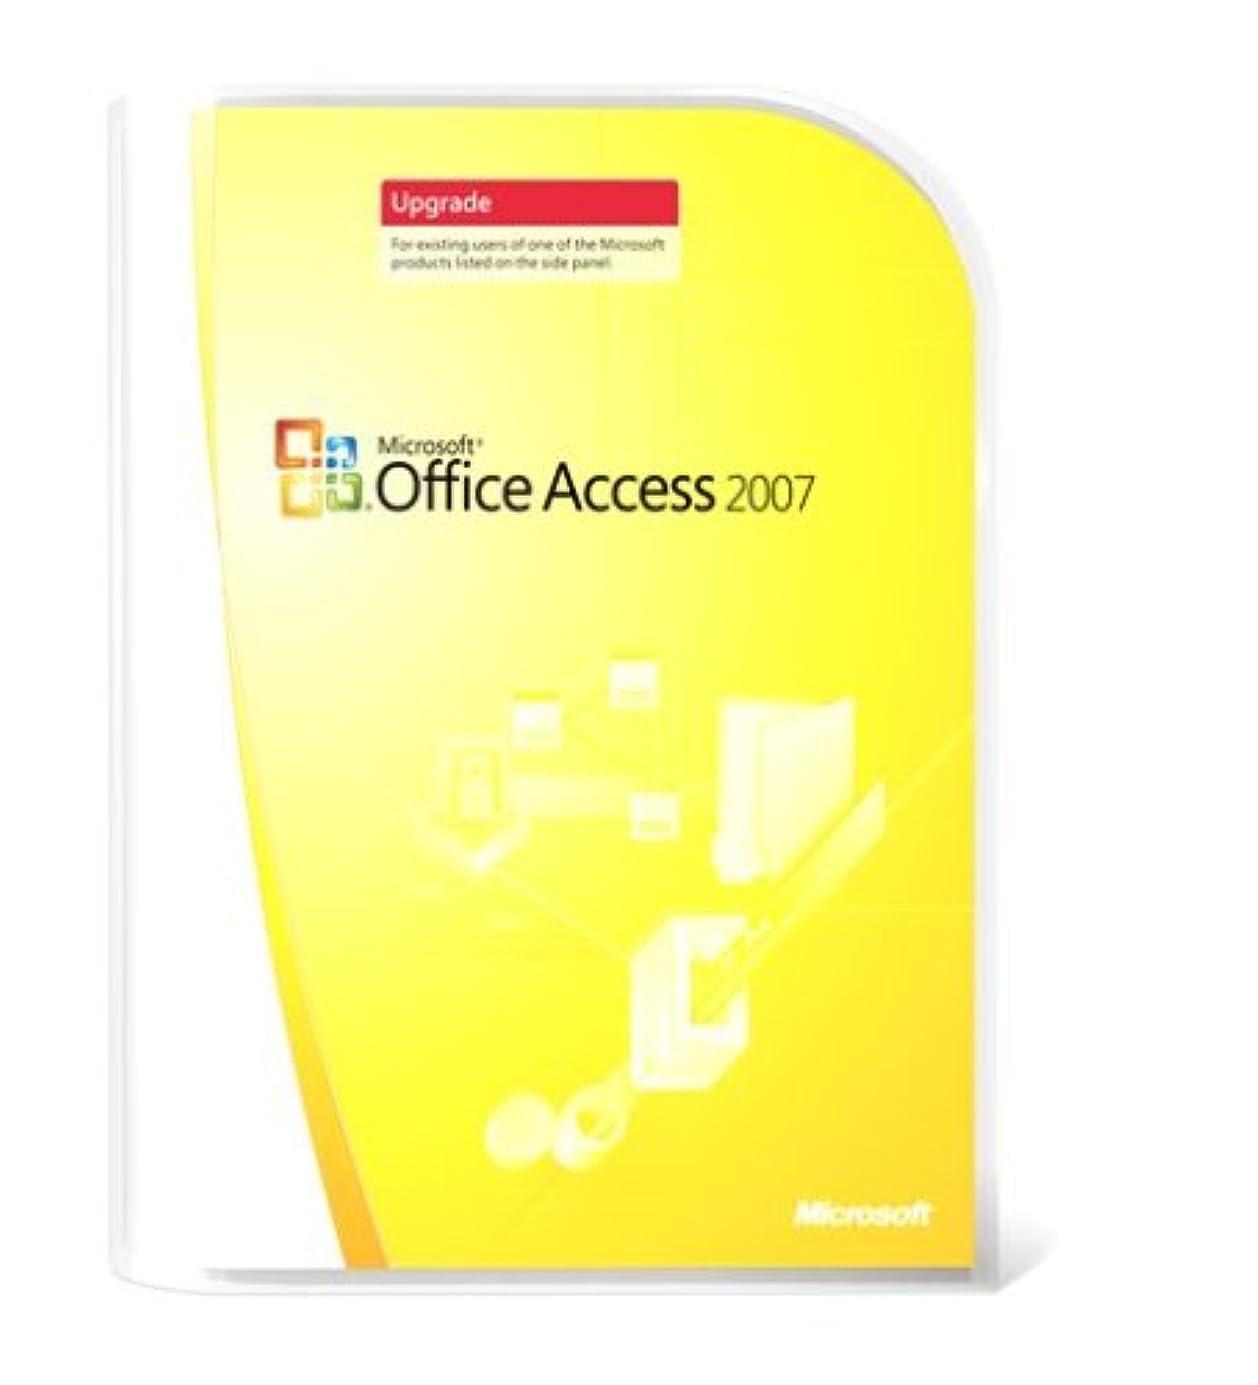 ゴール洗練されたセンチメンタル【旧商品/メーカー出荷終了/サポート終了】Microsoft Access 2007 VUP 英語版